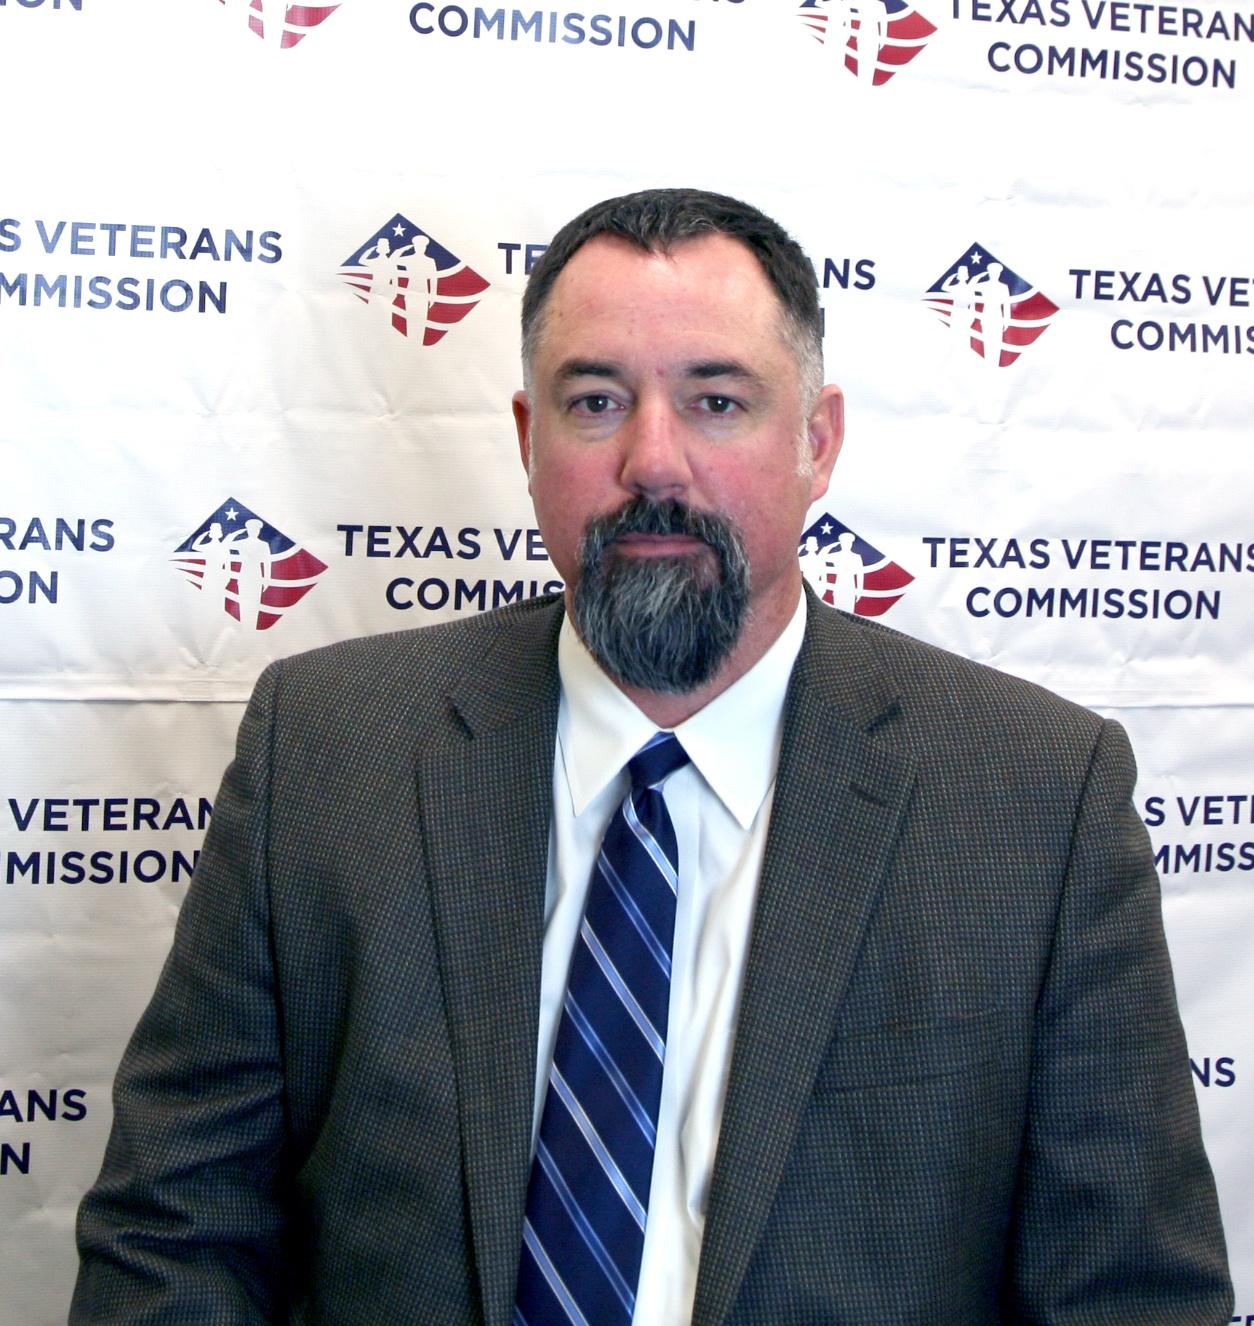 Sean_Hanna_Veterans_Mental_Health_Program_Dir.jpg